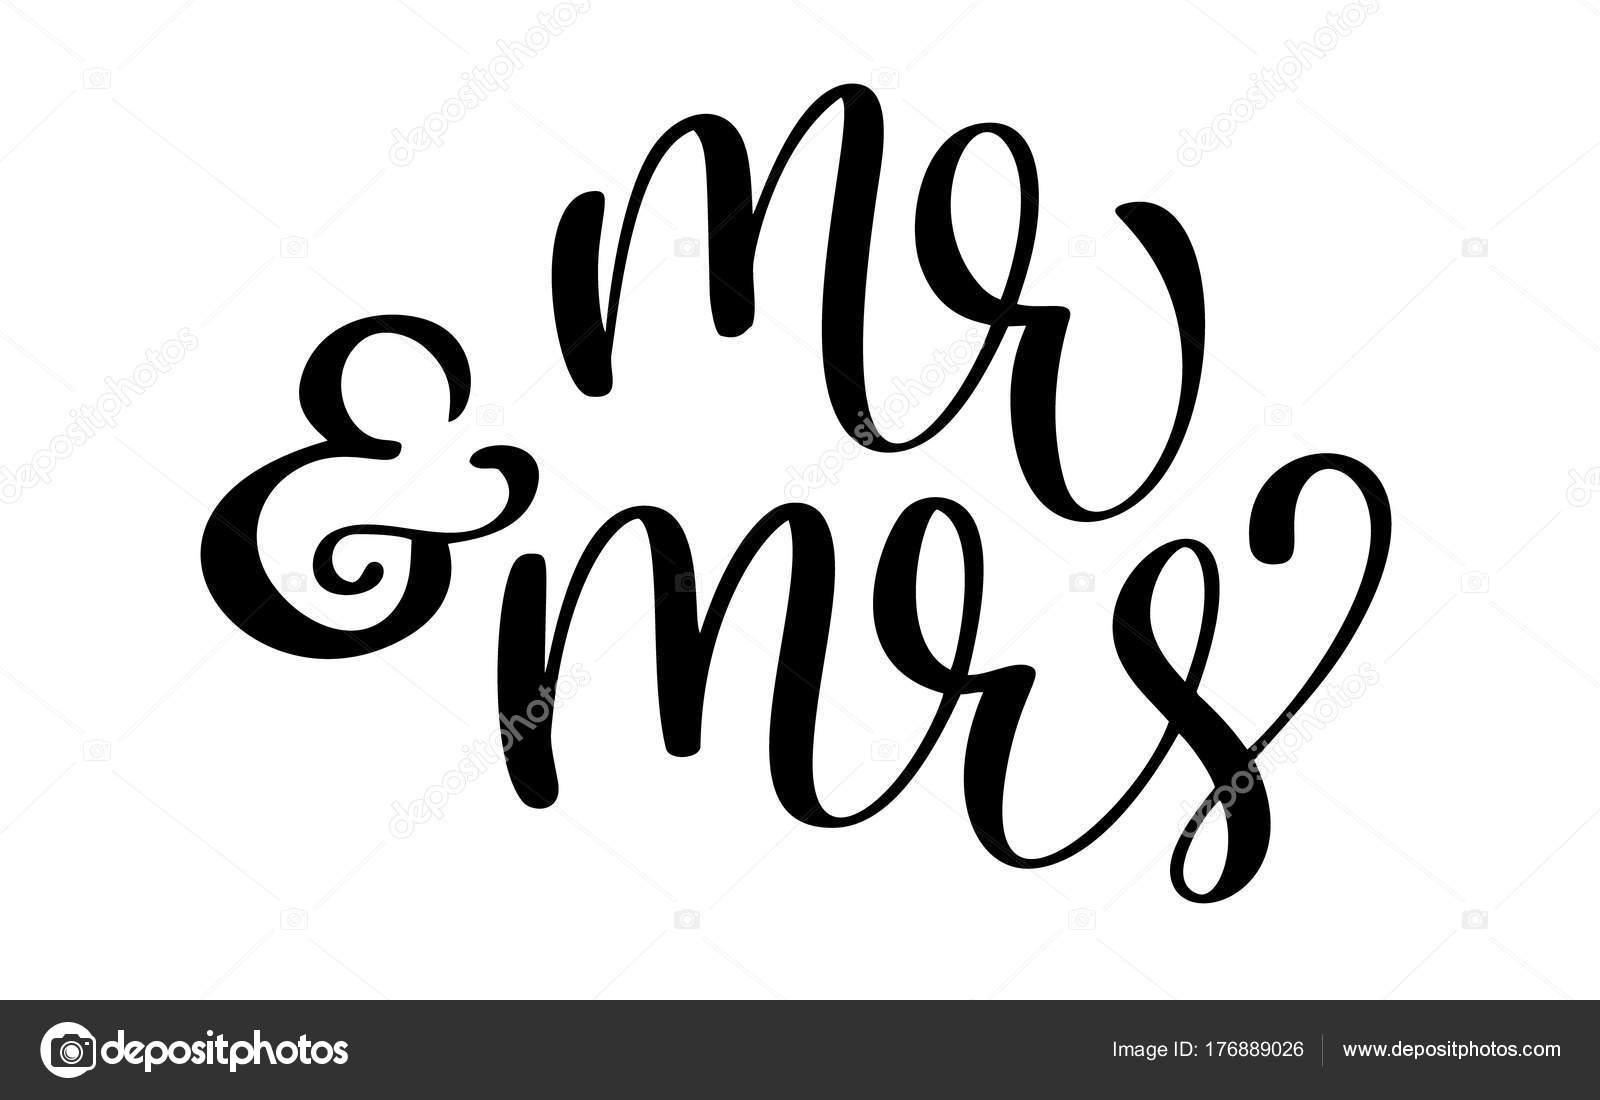 Herr Und Frau Text Auf Wei Em Hintergrund Handgezeichnete